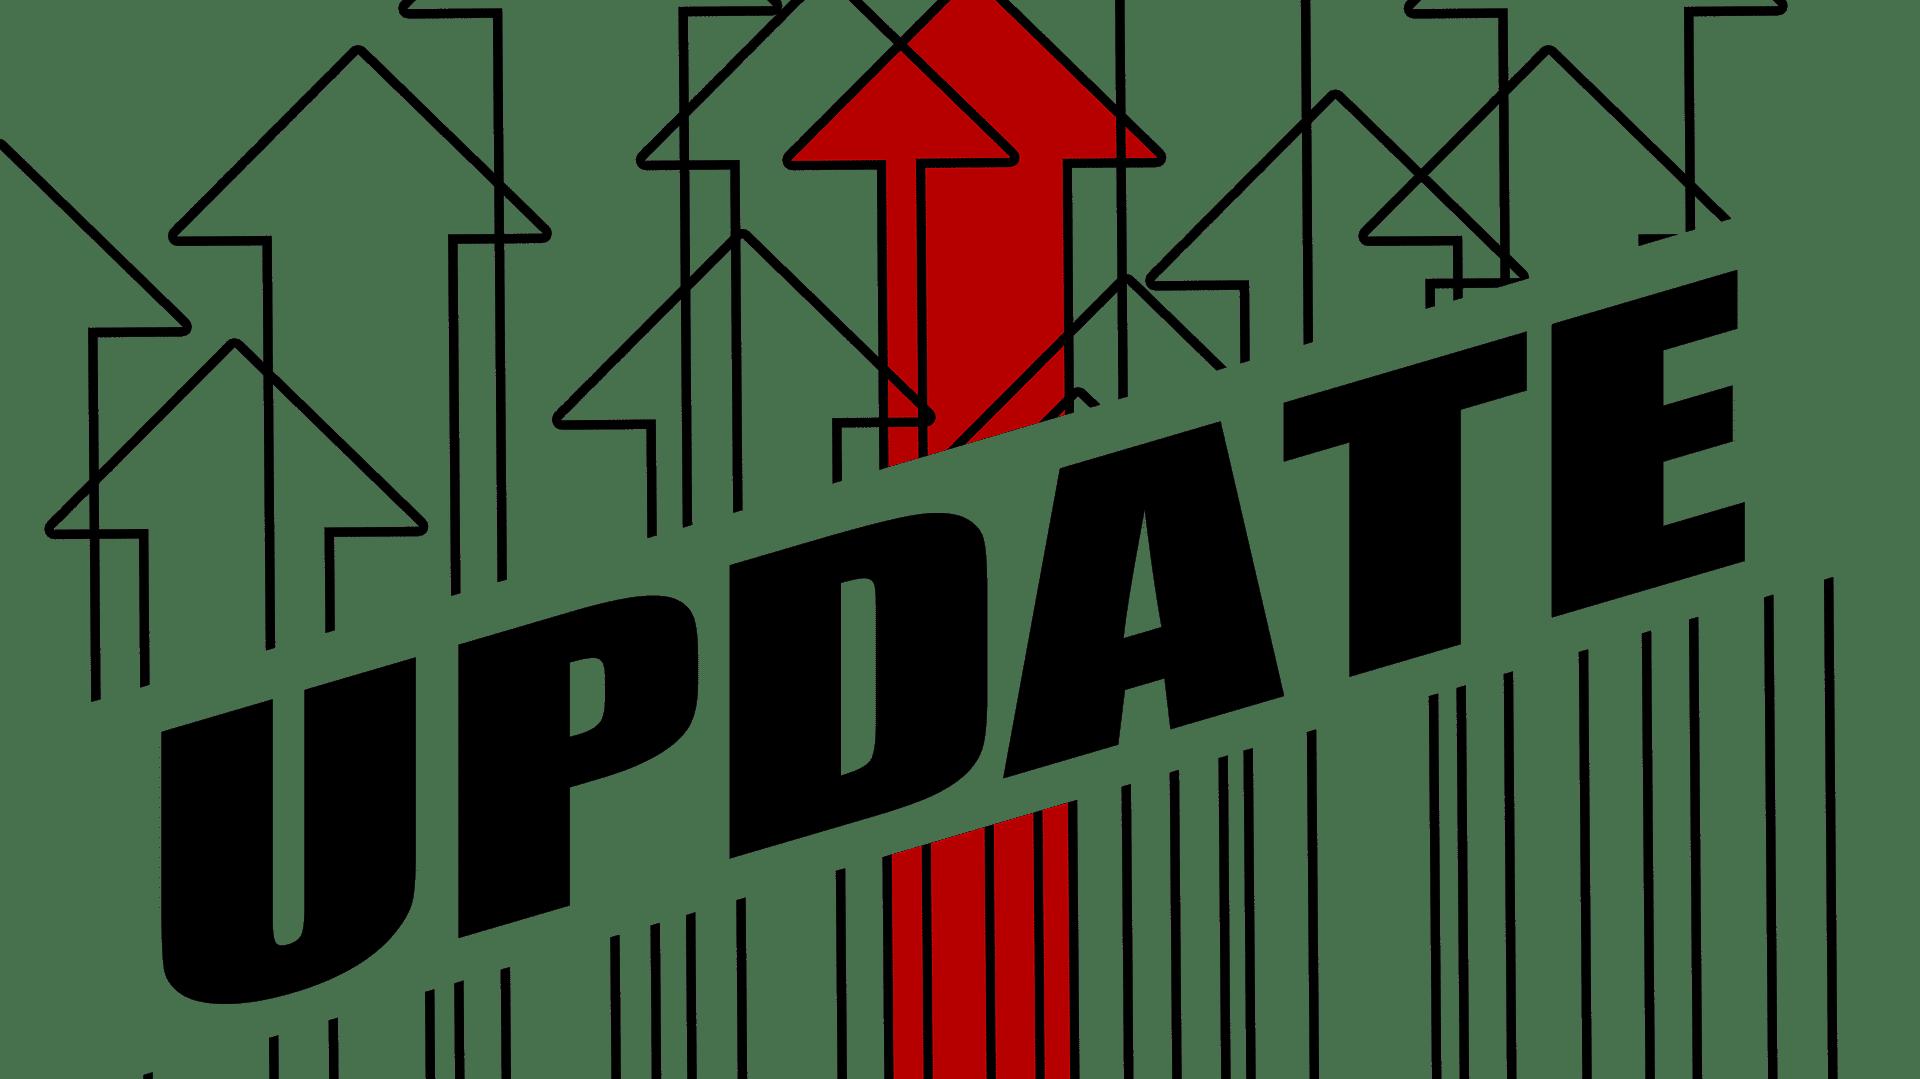 Sicherheitsupdate: Nvidias Rechenmodule Jetson TX1 und TX2 angreifbar